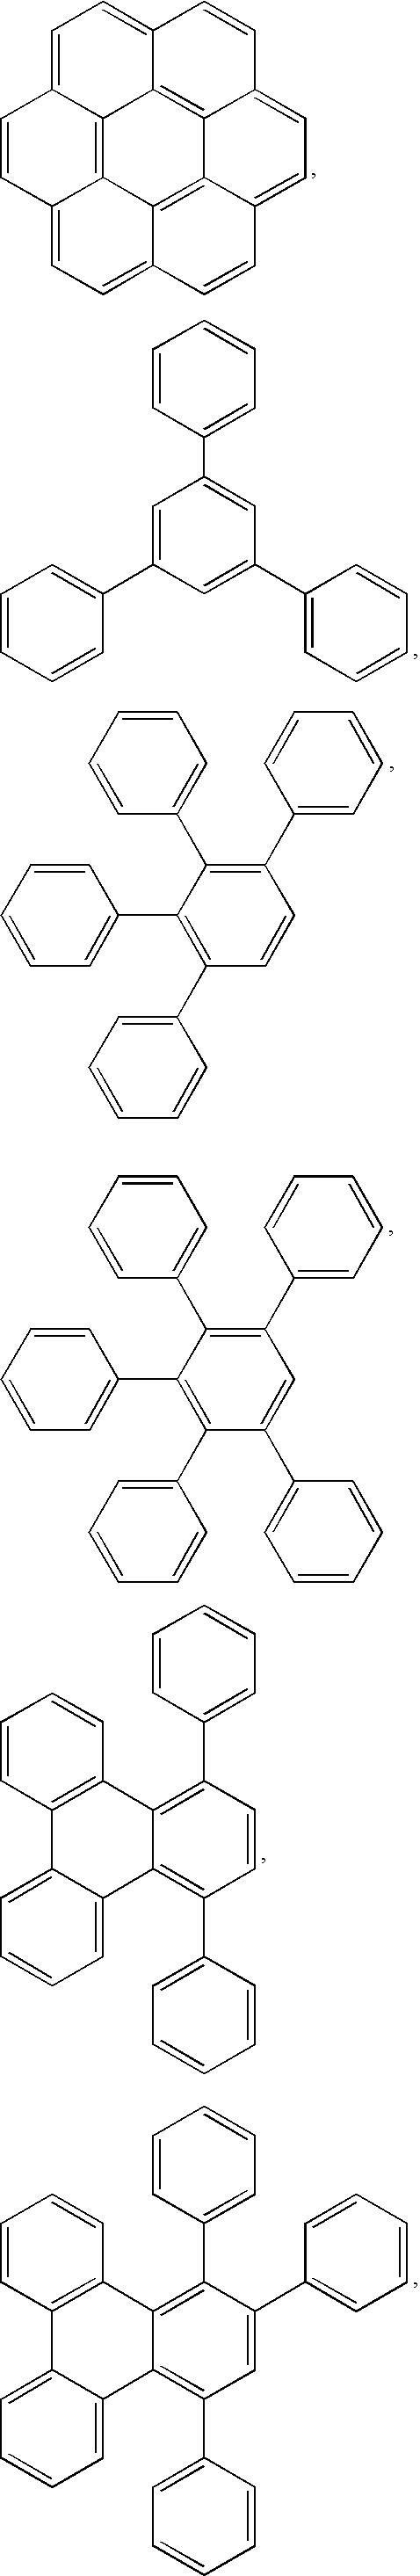 Figure US20070107835A1-20070517-C00023